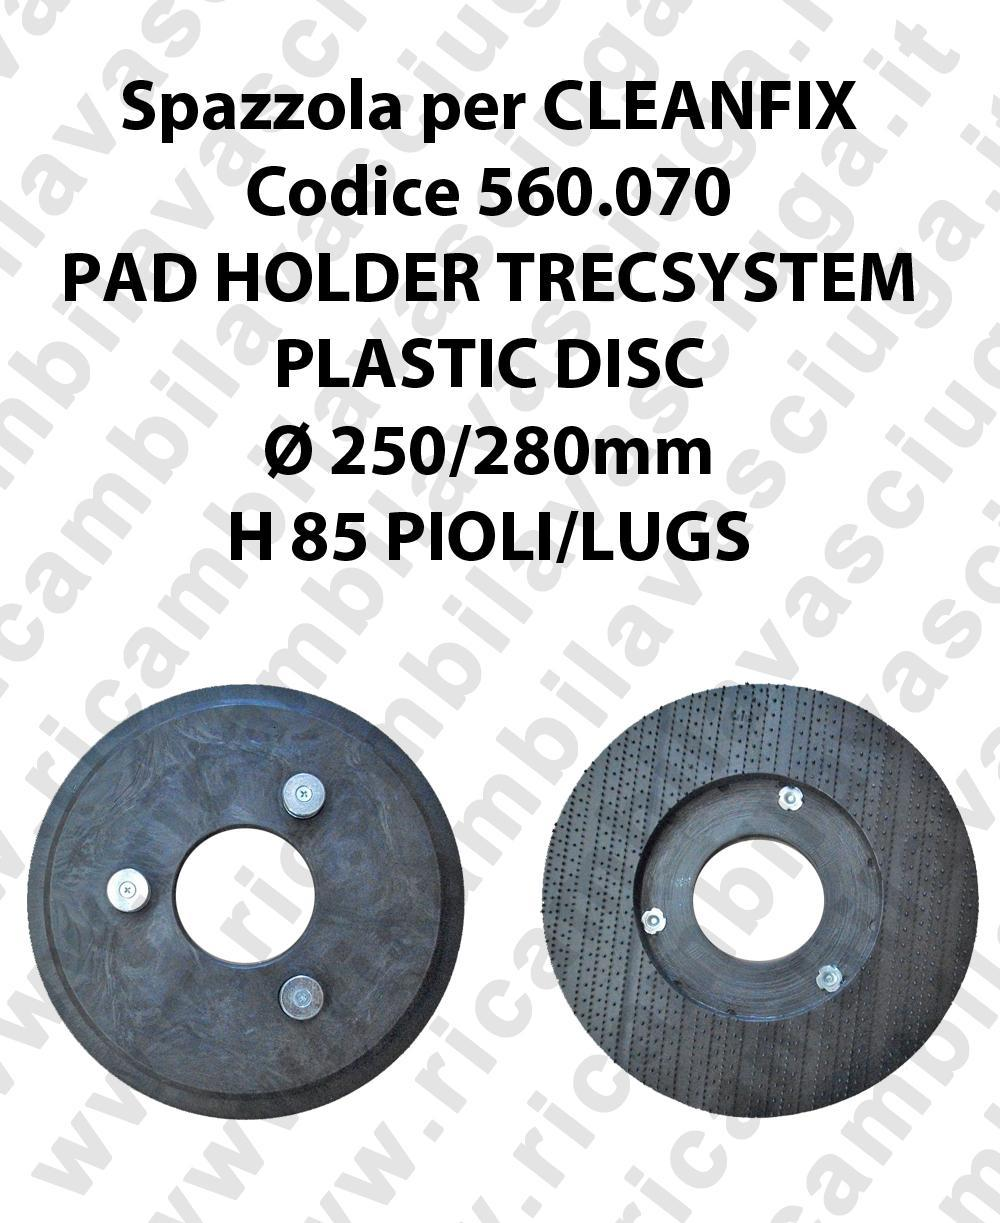 PAD HOLDER TRECSYSTEM  pour autolaveuses CLEANFIX code 560.070